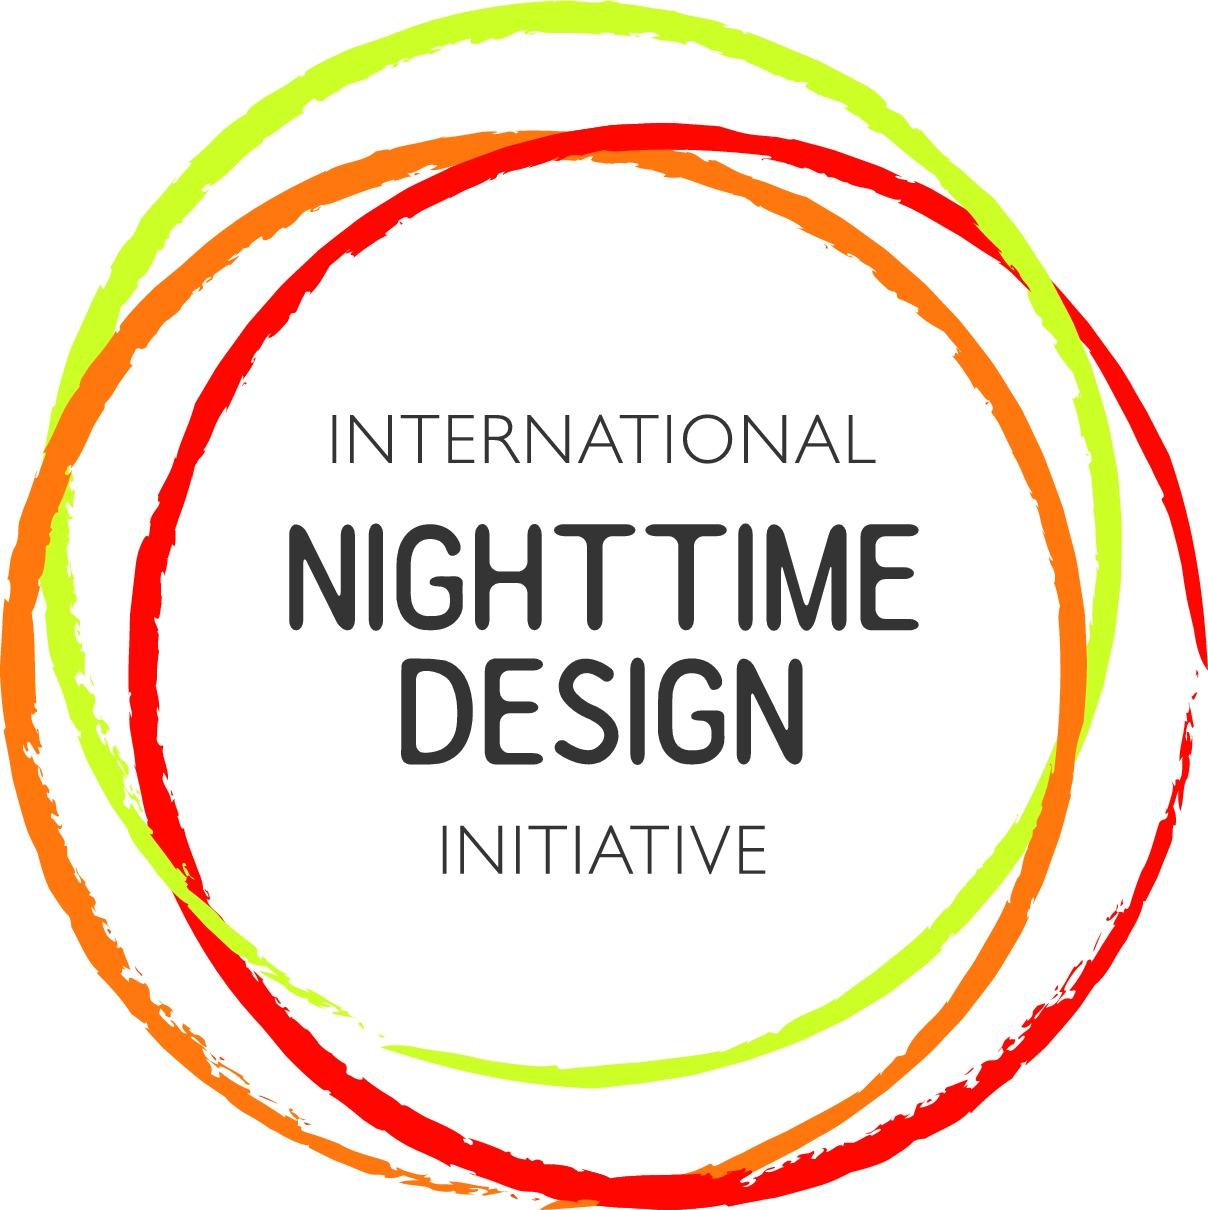 NightTime_Design_logo.eps.jpg